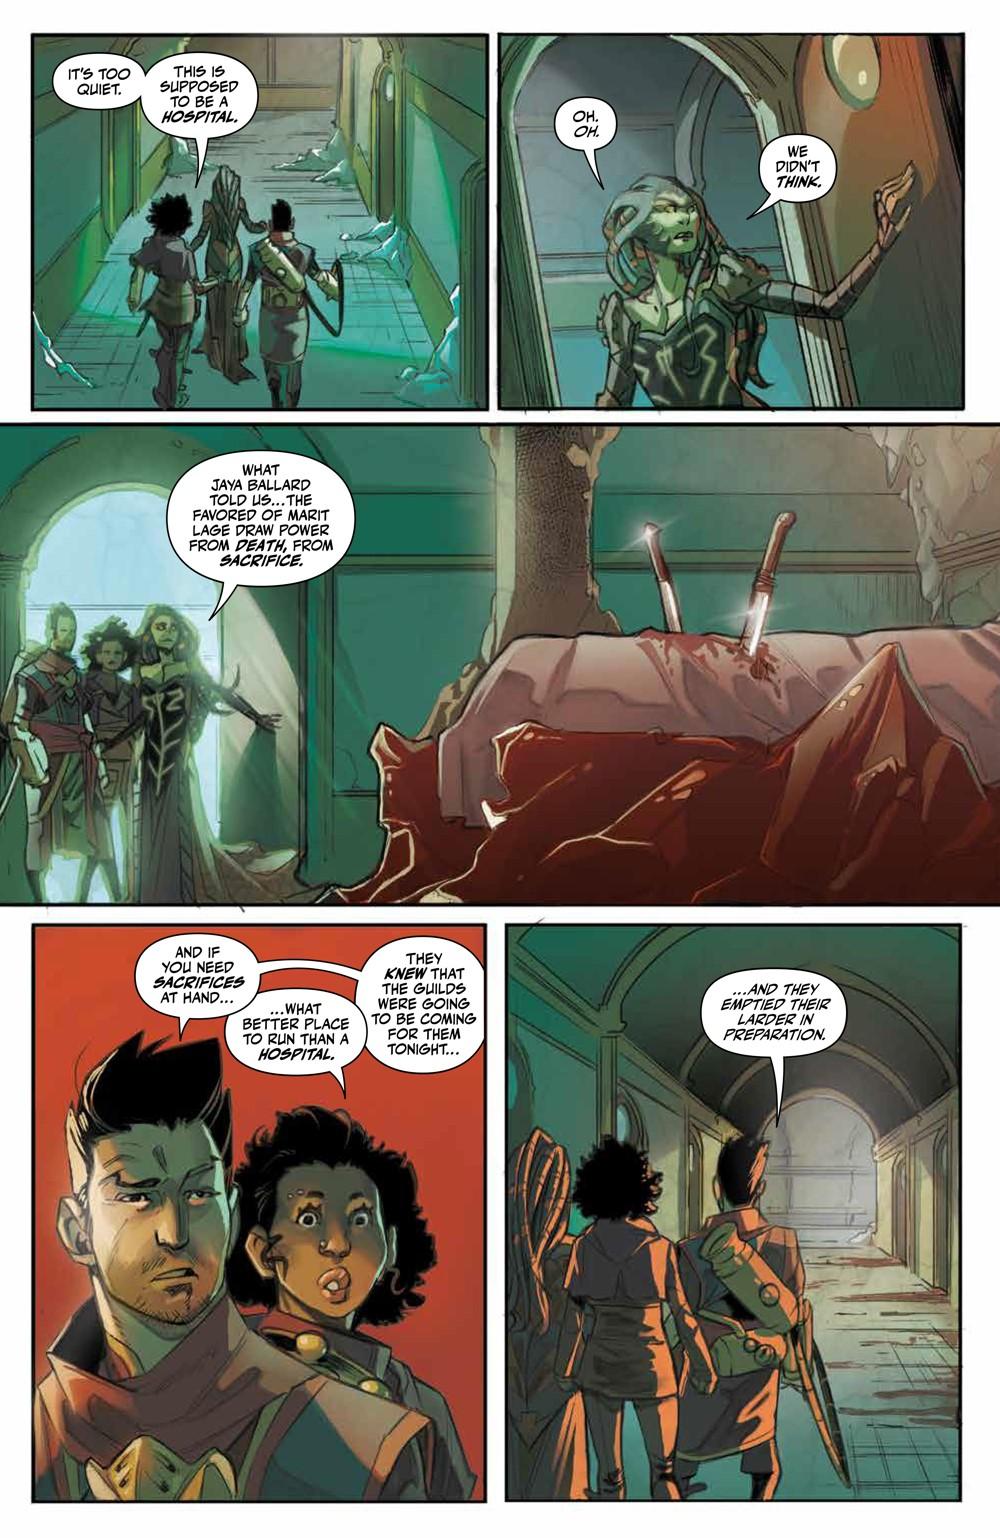 Magic_007_PRESS_7 ComicList Previews: MAGIC #7